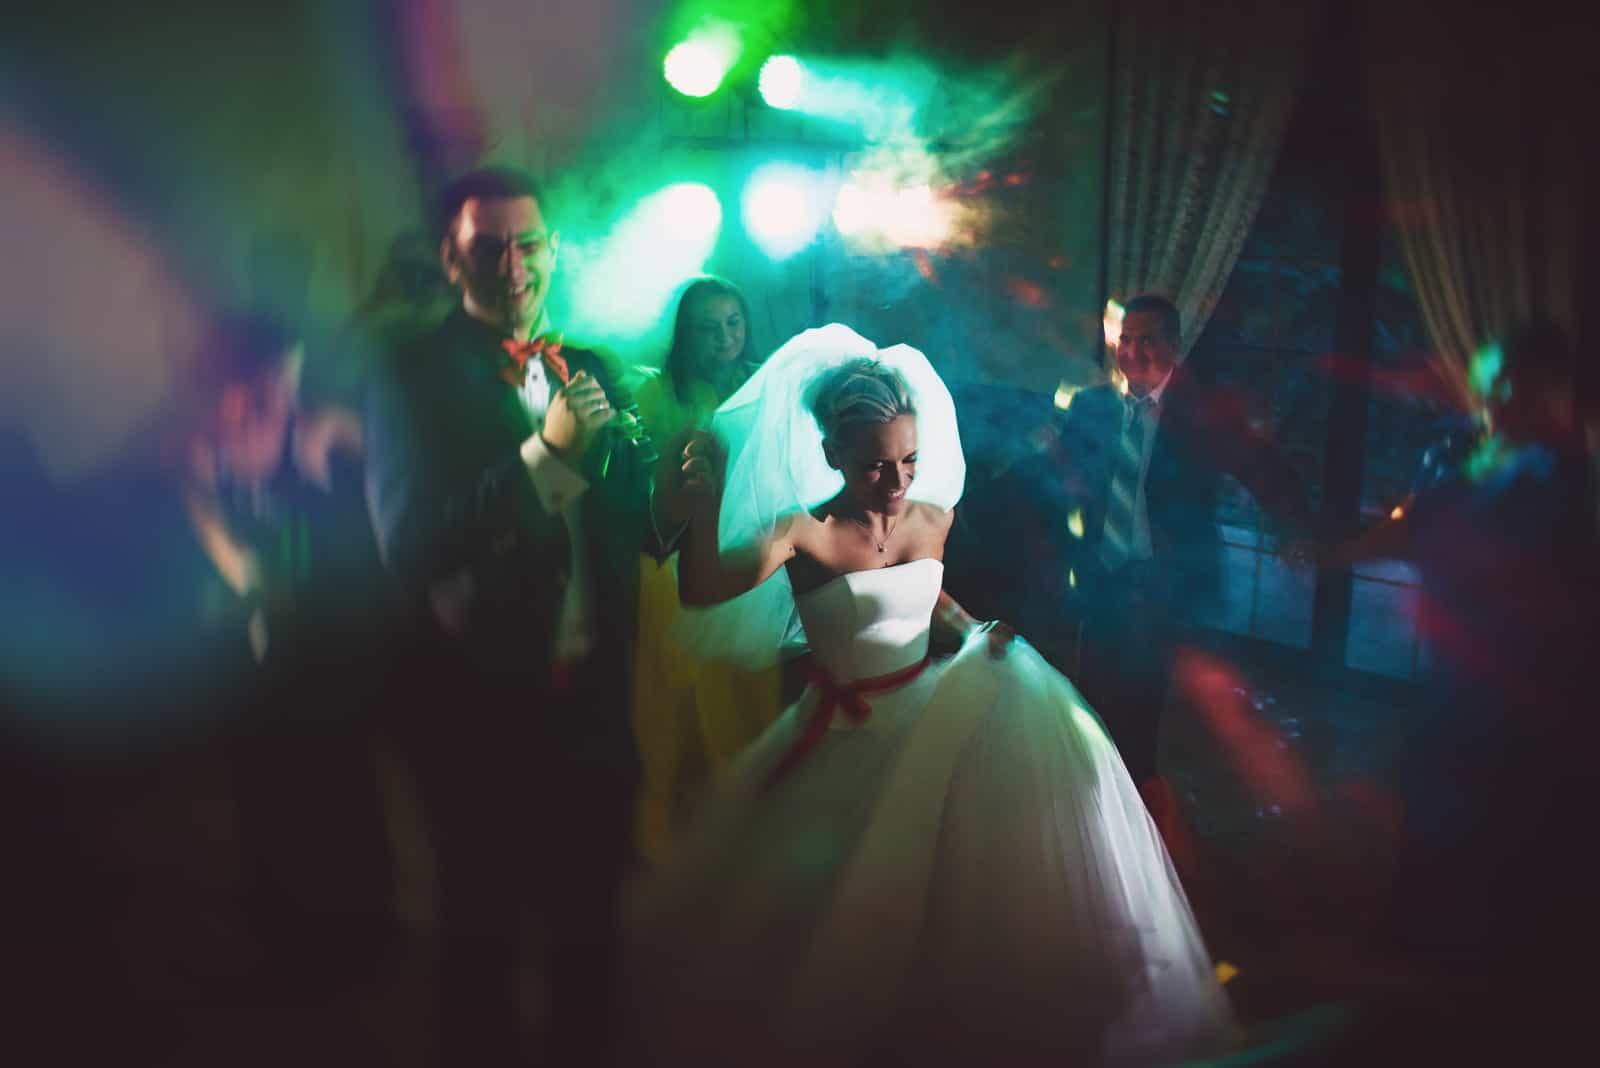 Tanz junge Braut und Bräutigam in der dunklen Halle